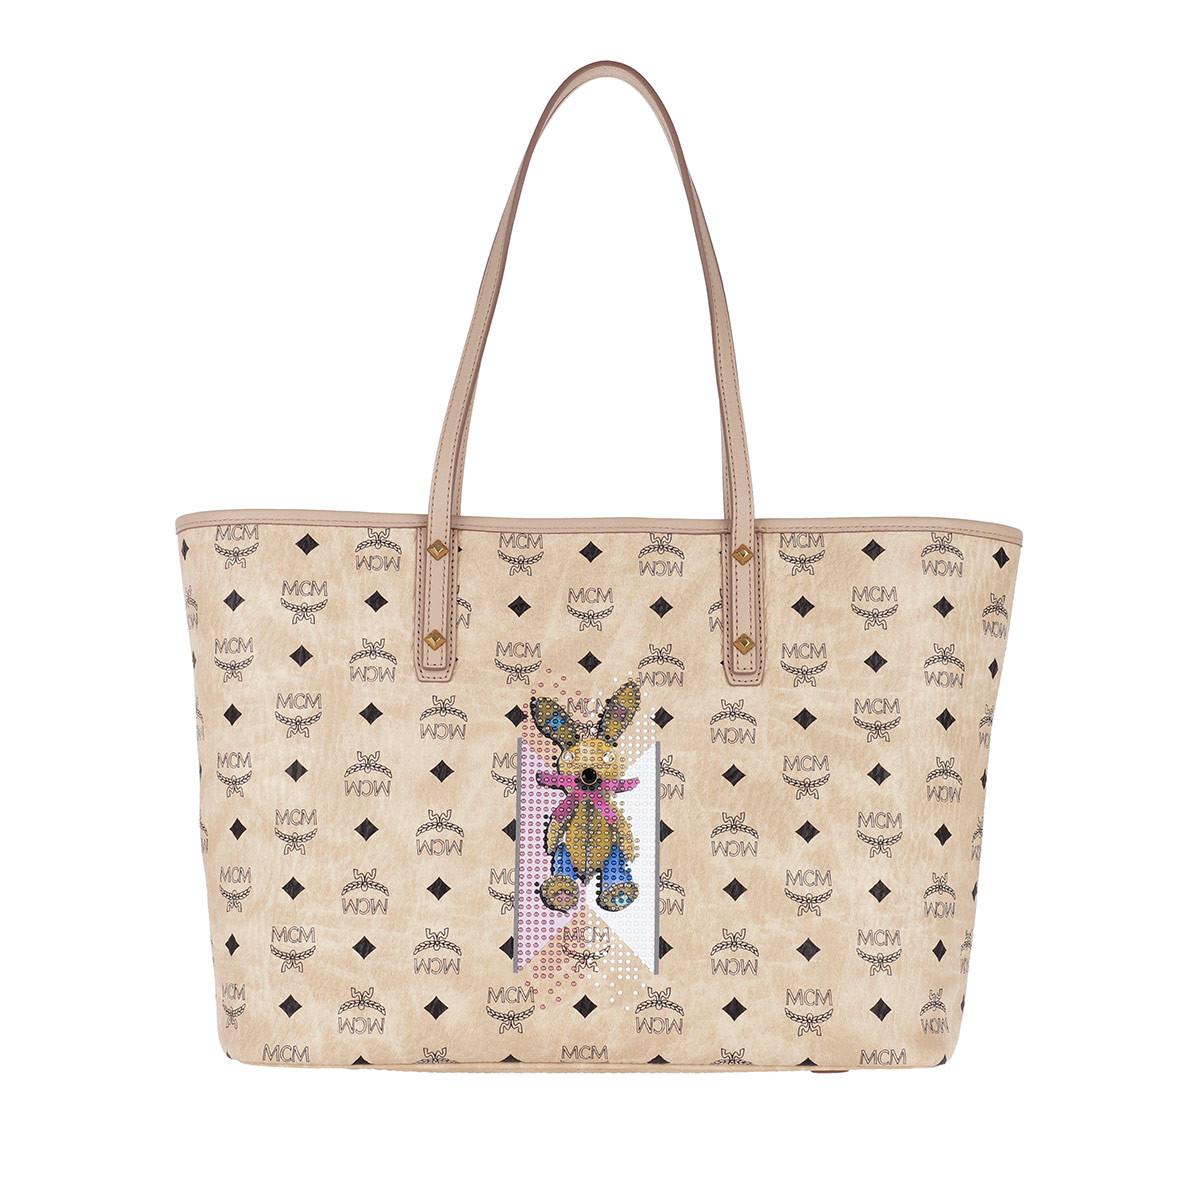 Mcm Tassen met handvat - Rabbit Bag Medium Beige in beige voor dames Footaction Online Te Koop Kopen Goedkope Lage Prijs Vergoeding Verzendkosten Goedkope Koop Origineel 1l9Ug